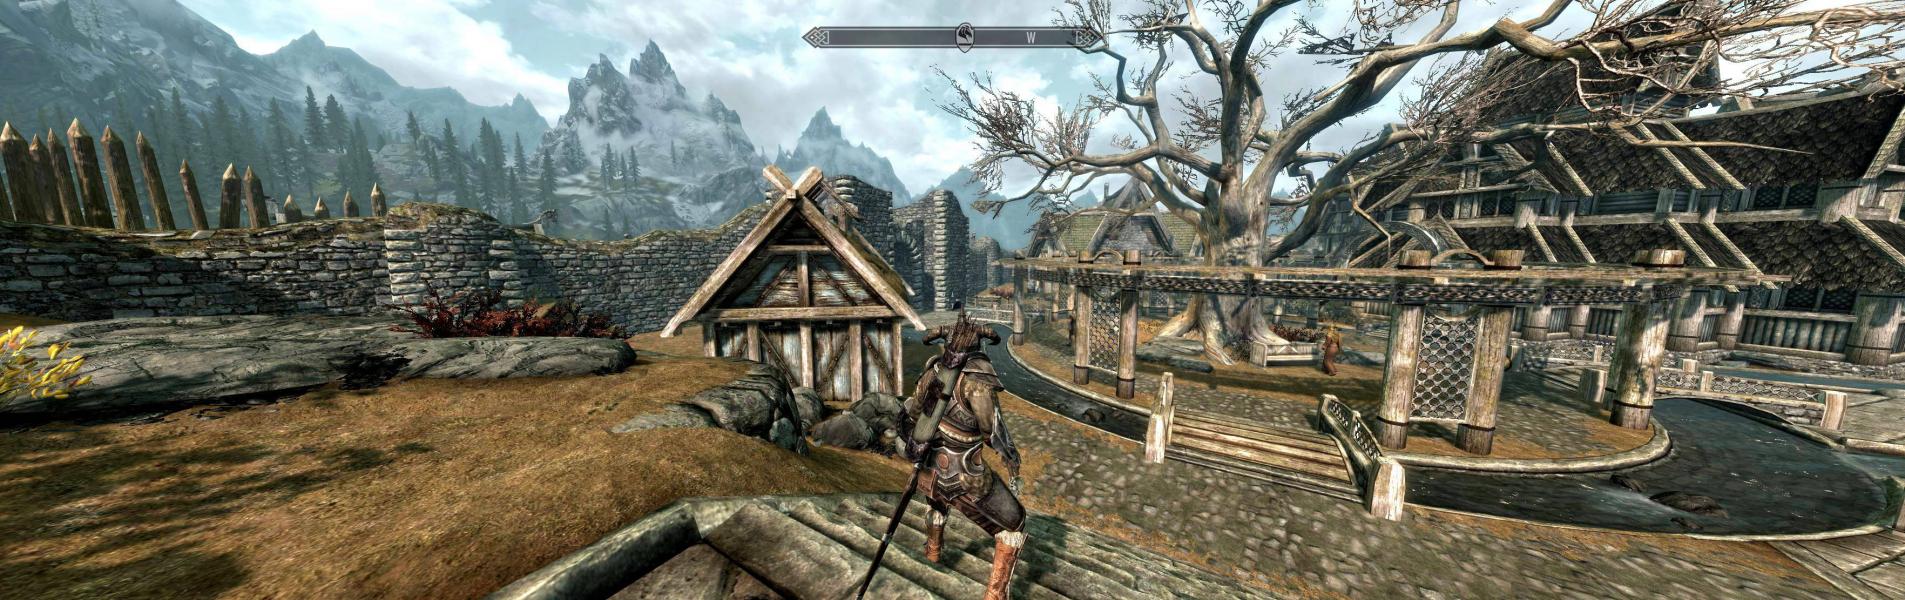 The Elder Scrolls V: Skyrim | WSGF